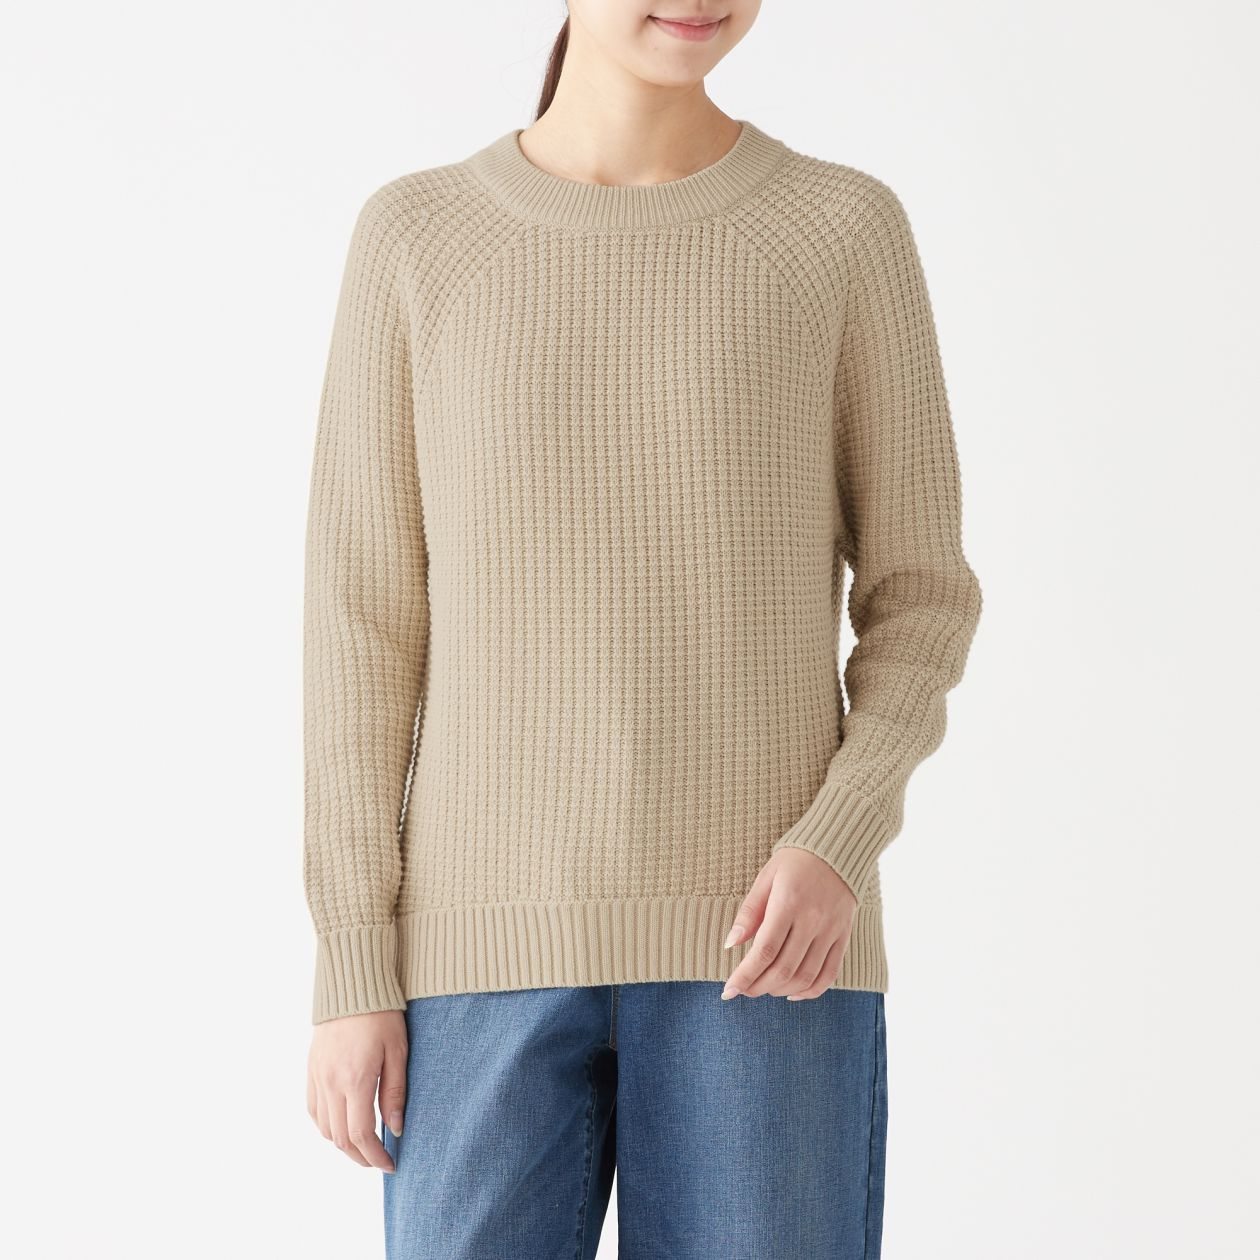 リンクス編みクルーネックセーター